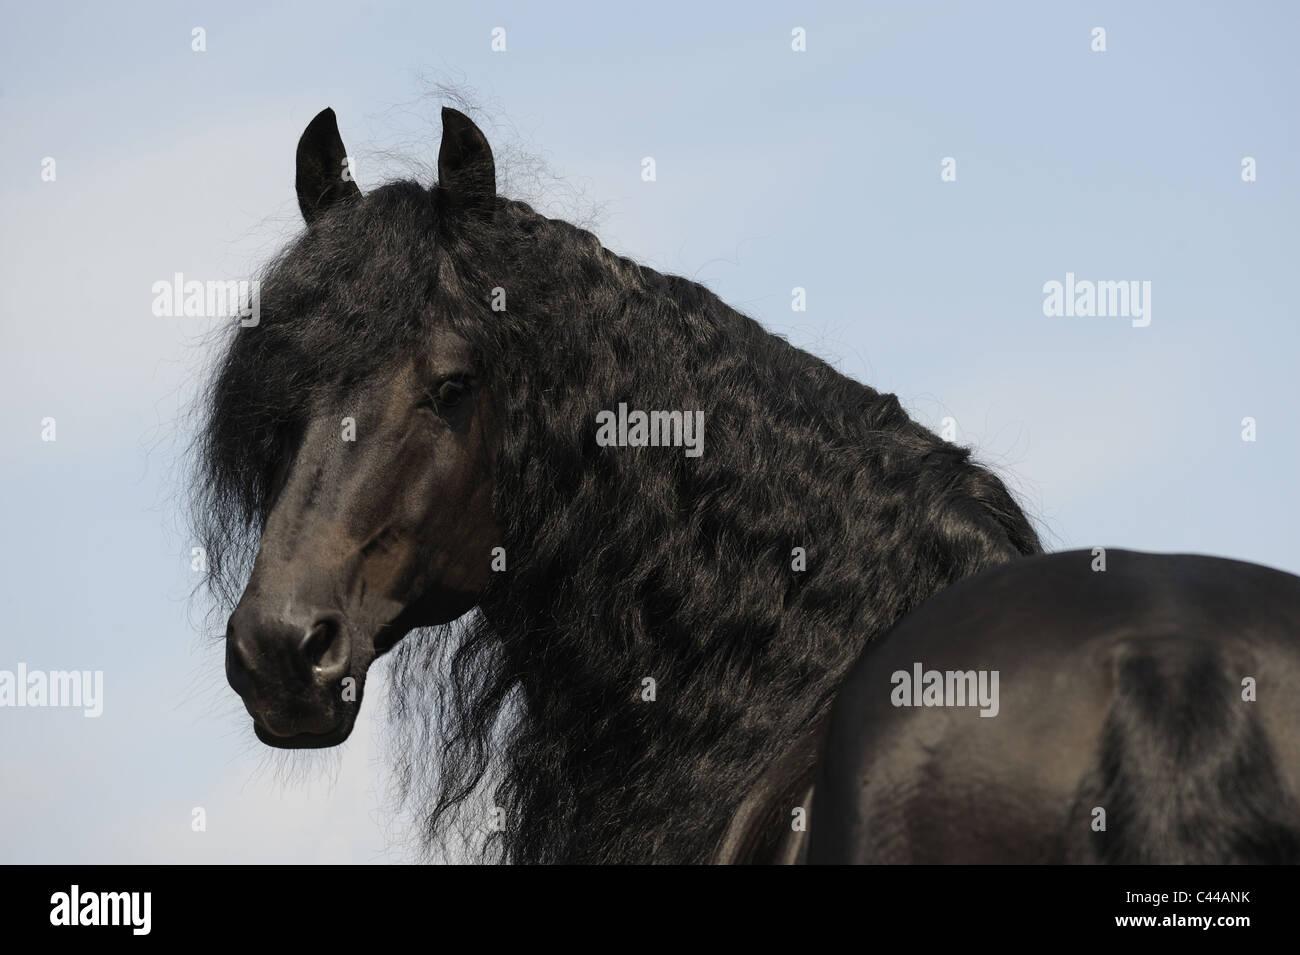 Friesian Horse (Equus ferus caballus). Portrait of a stallion. - Stock Image